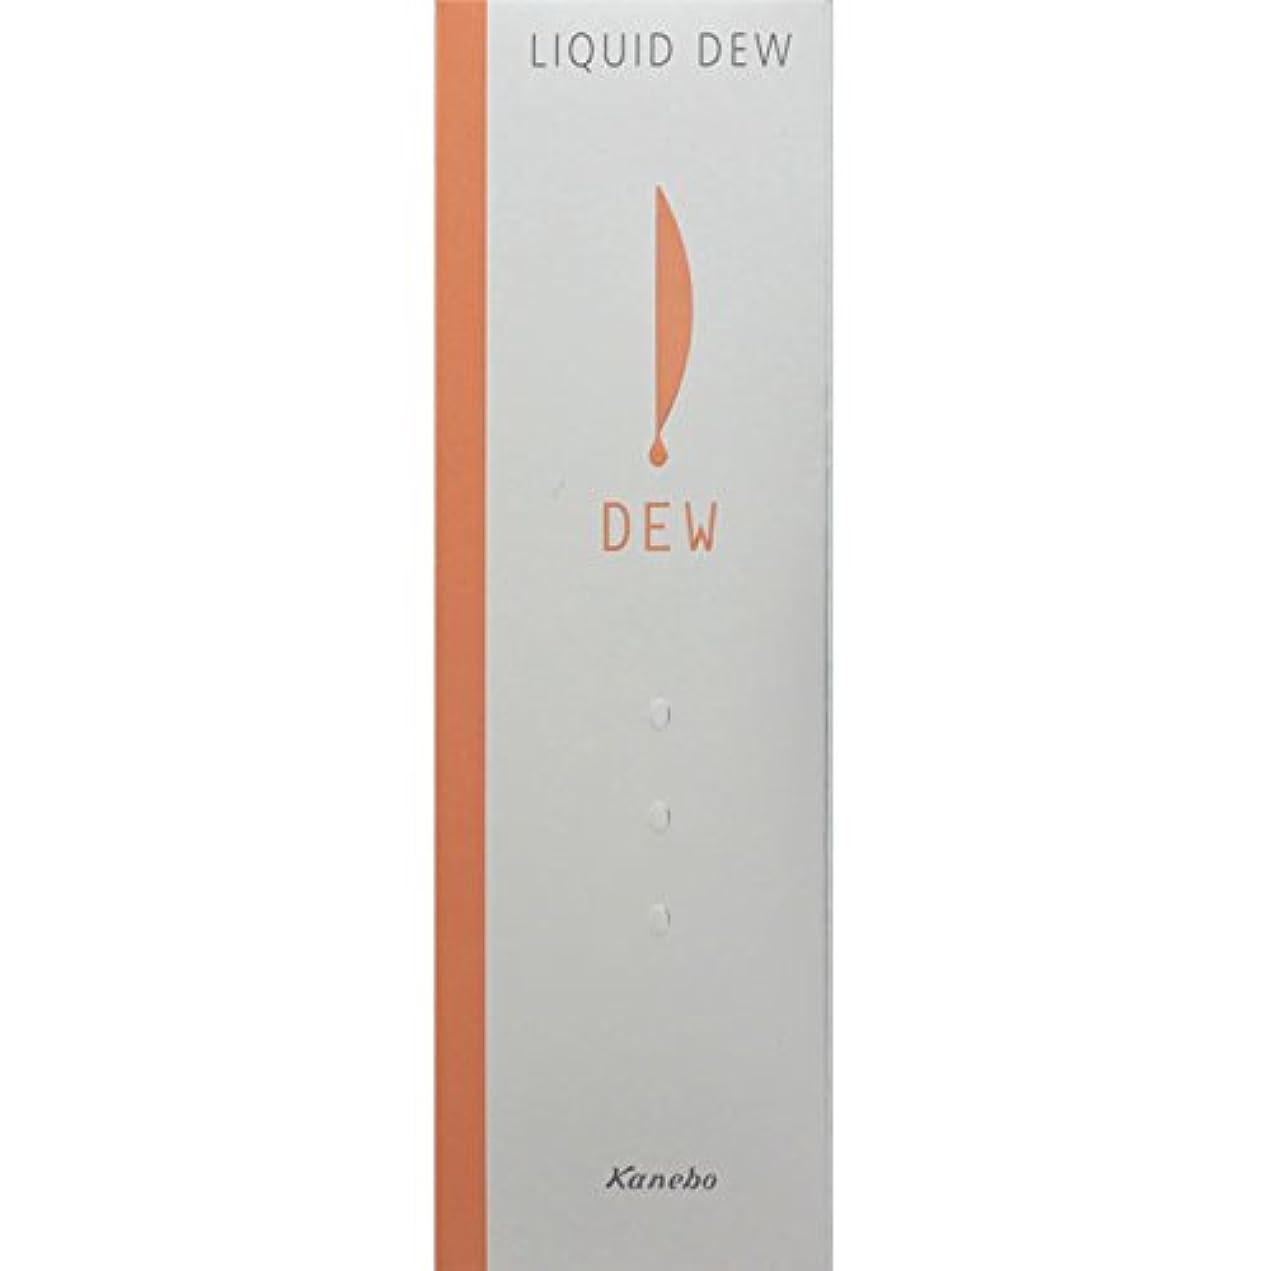 ファイナンススパーク驚くべきカネボウ化粧品 DEW リクイドデュウ ソフトオークルA